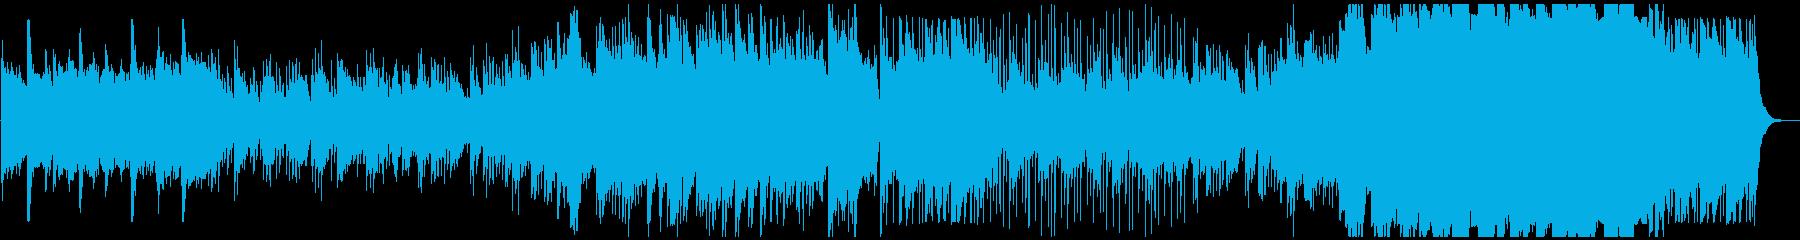 綺麗なピアノメロディの感動バラードの再生済みの波形